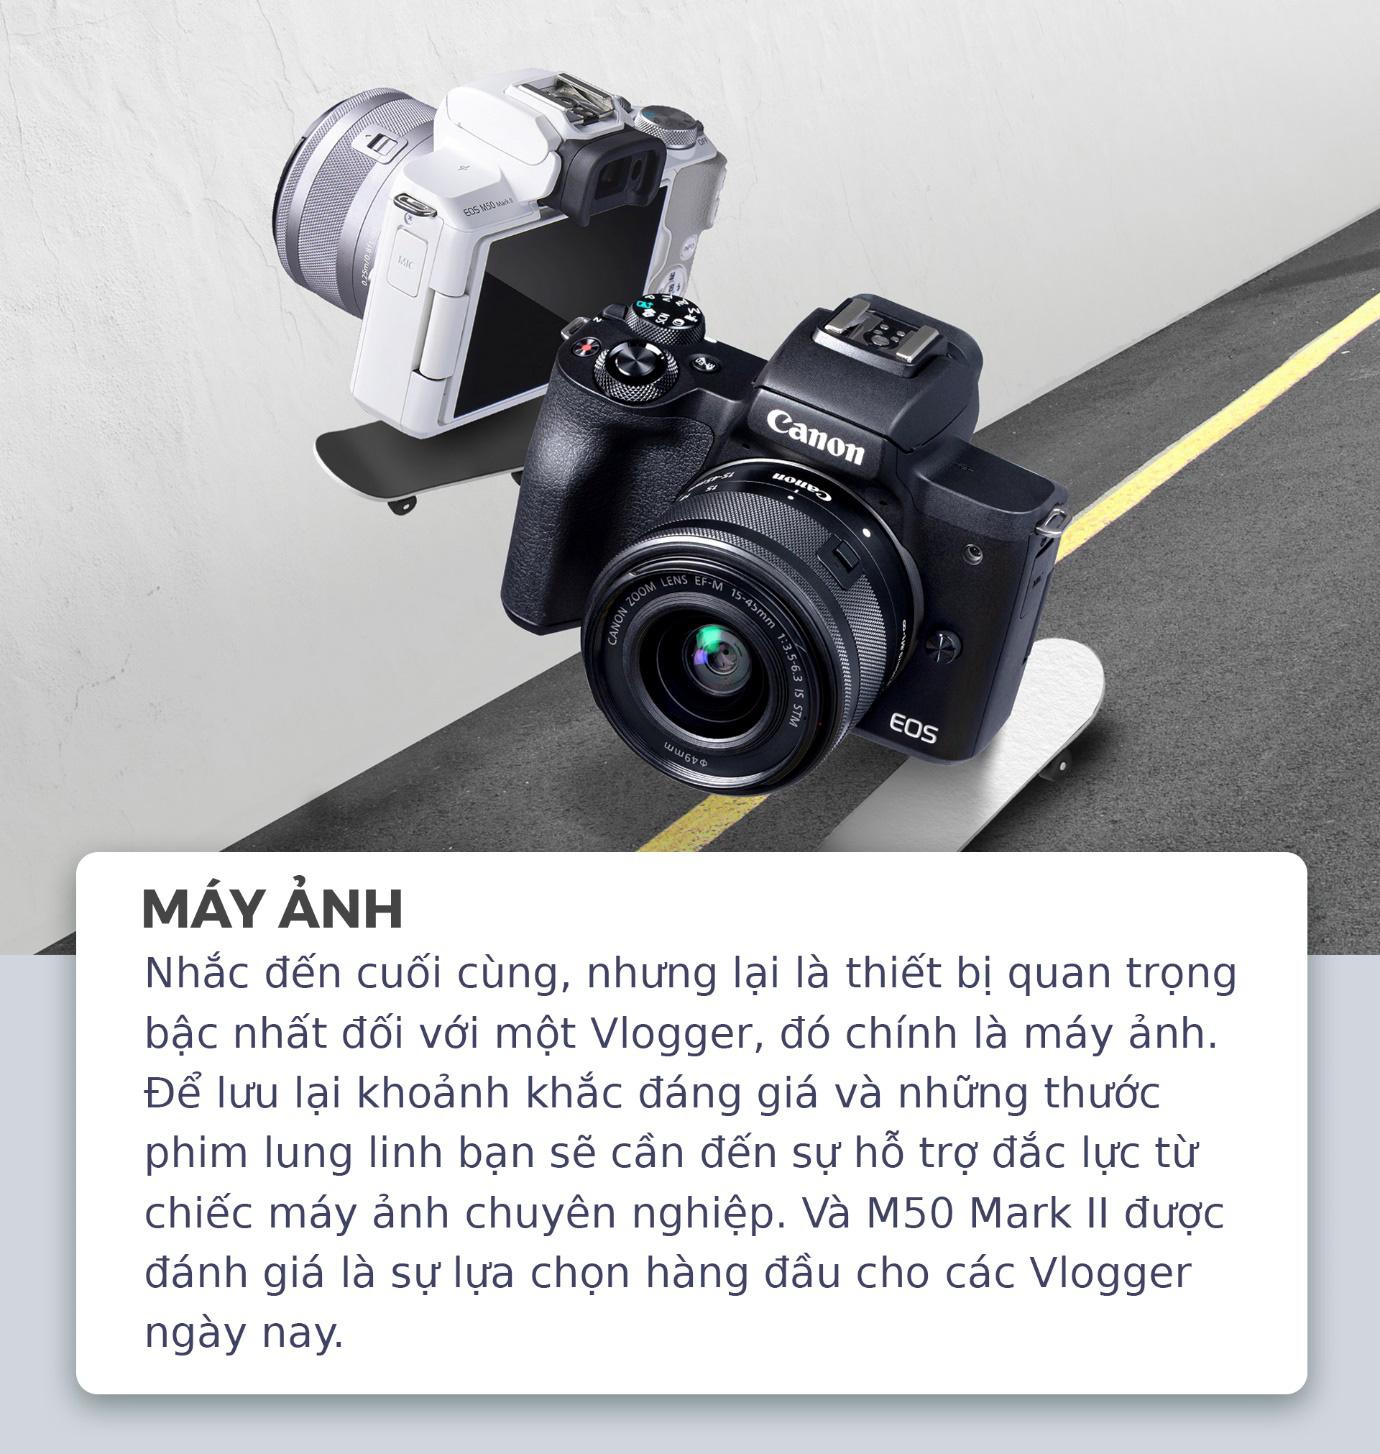 Nếu bạn đam mê làm Vlog thì tuyệt đối đừng bỏ qua những thiết bị này - Ảnh 5.